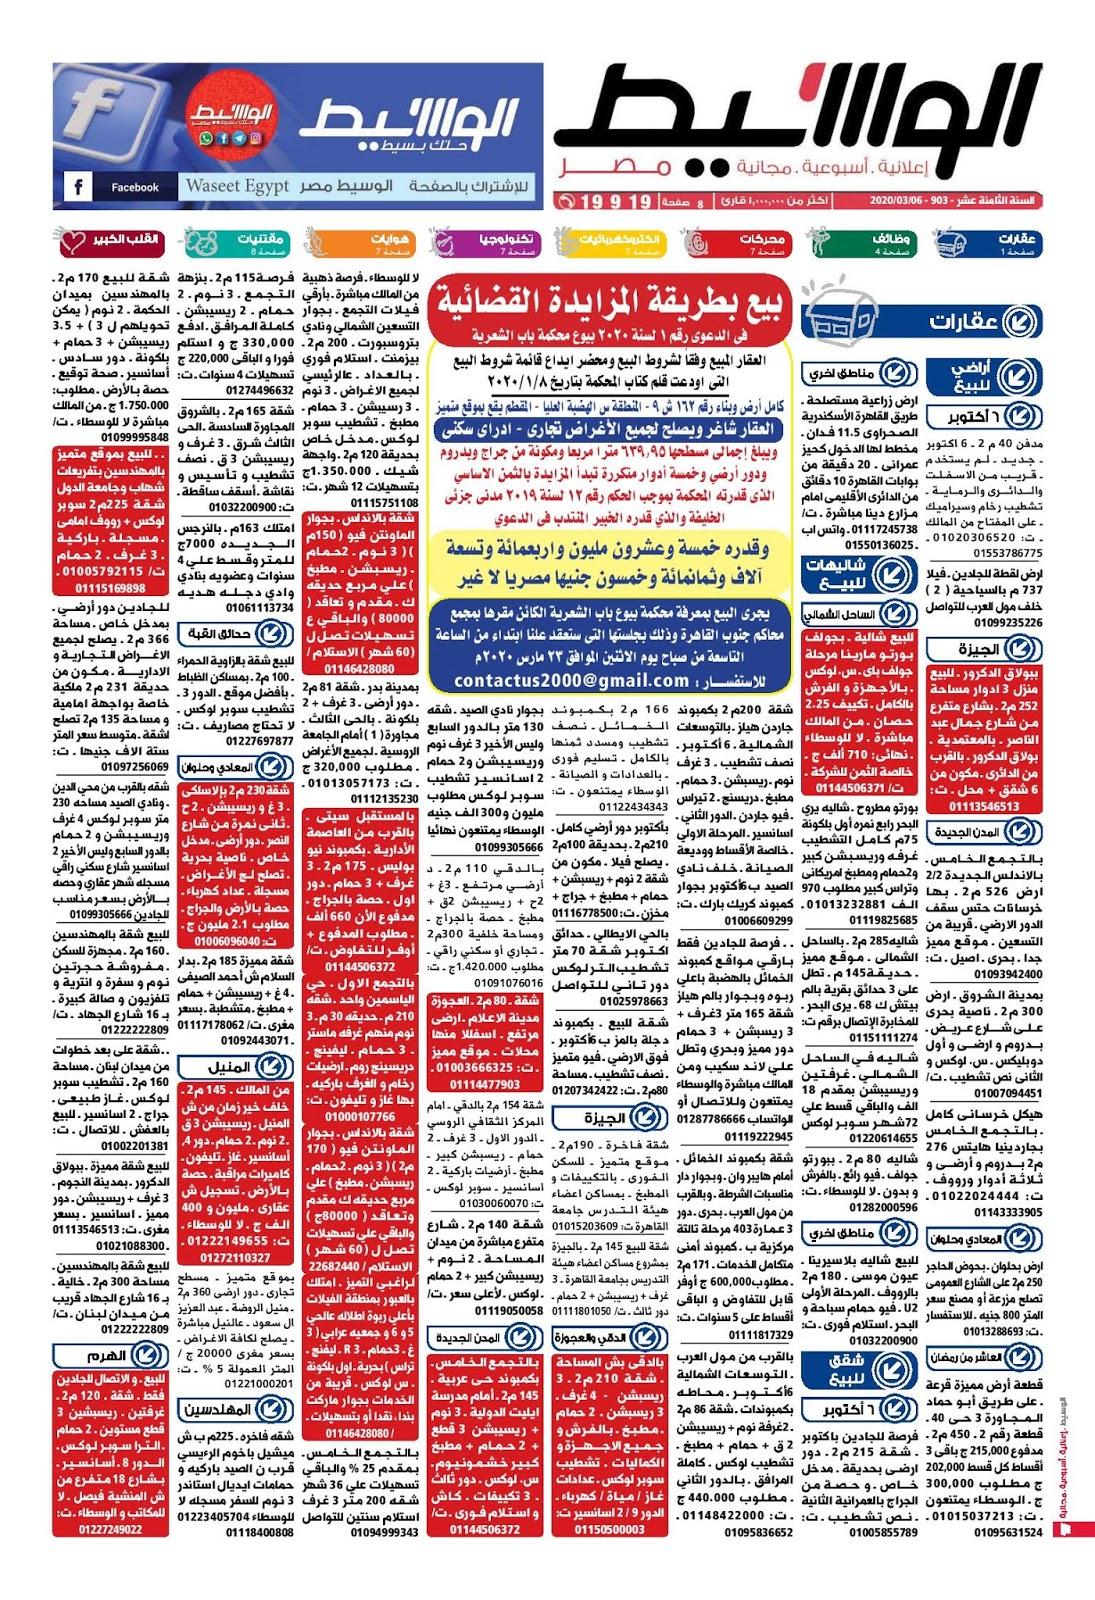 وظائف الوسيط الجمعة 6 مارس 2020 واعلانات الوسيط